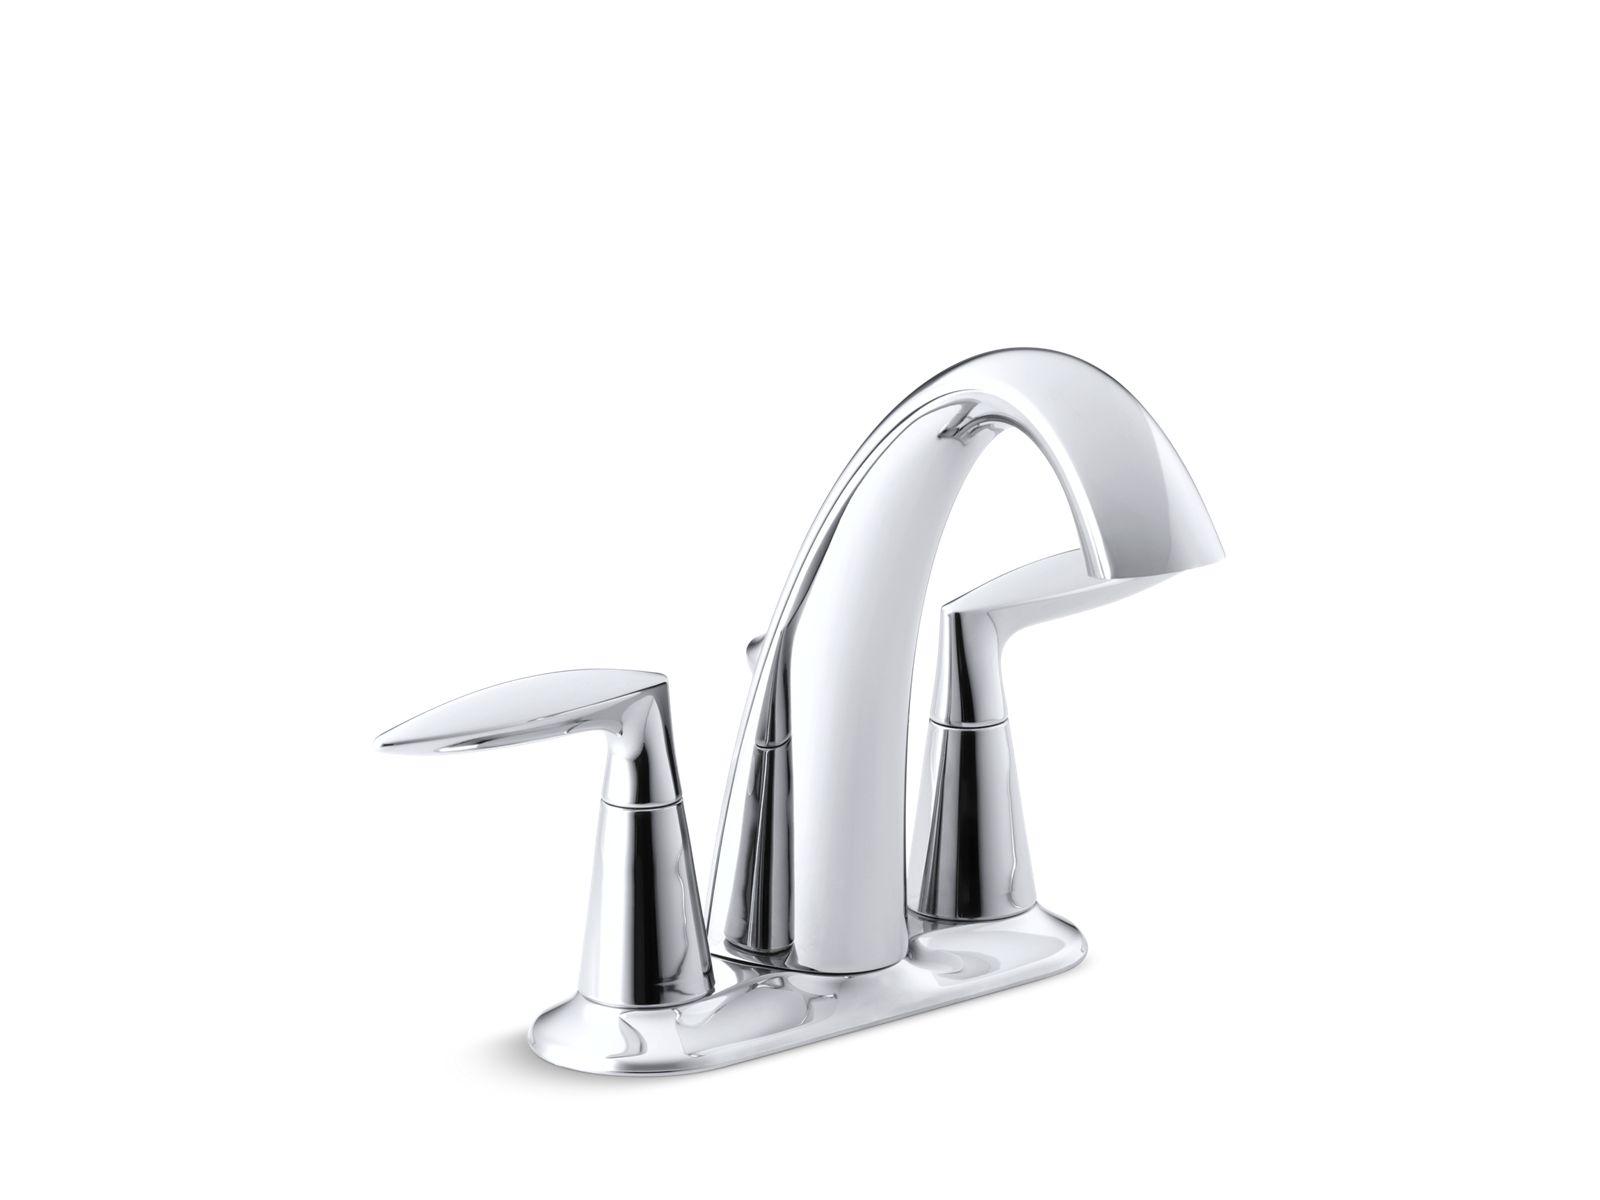 Getting Started Bathroom Sink Faucets Guide KOHLER